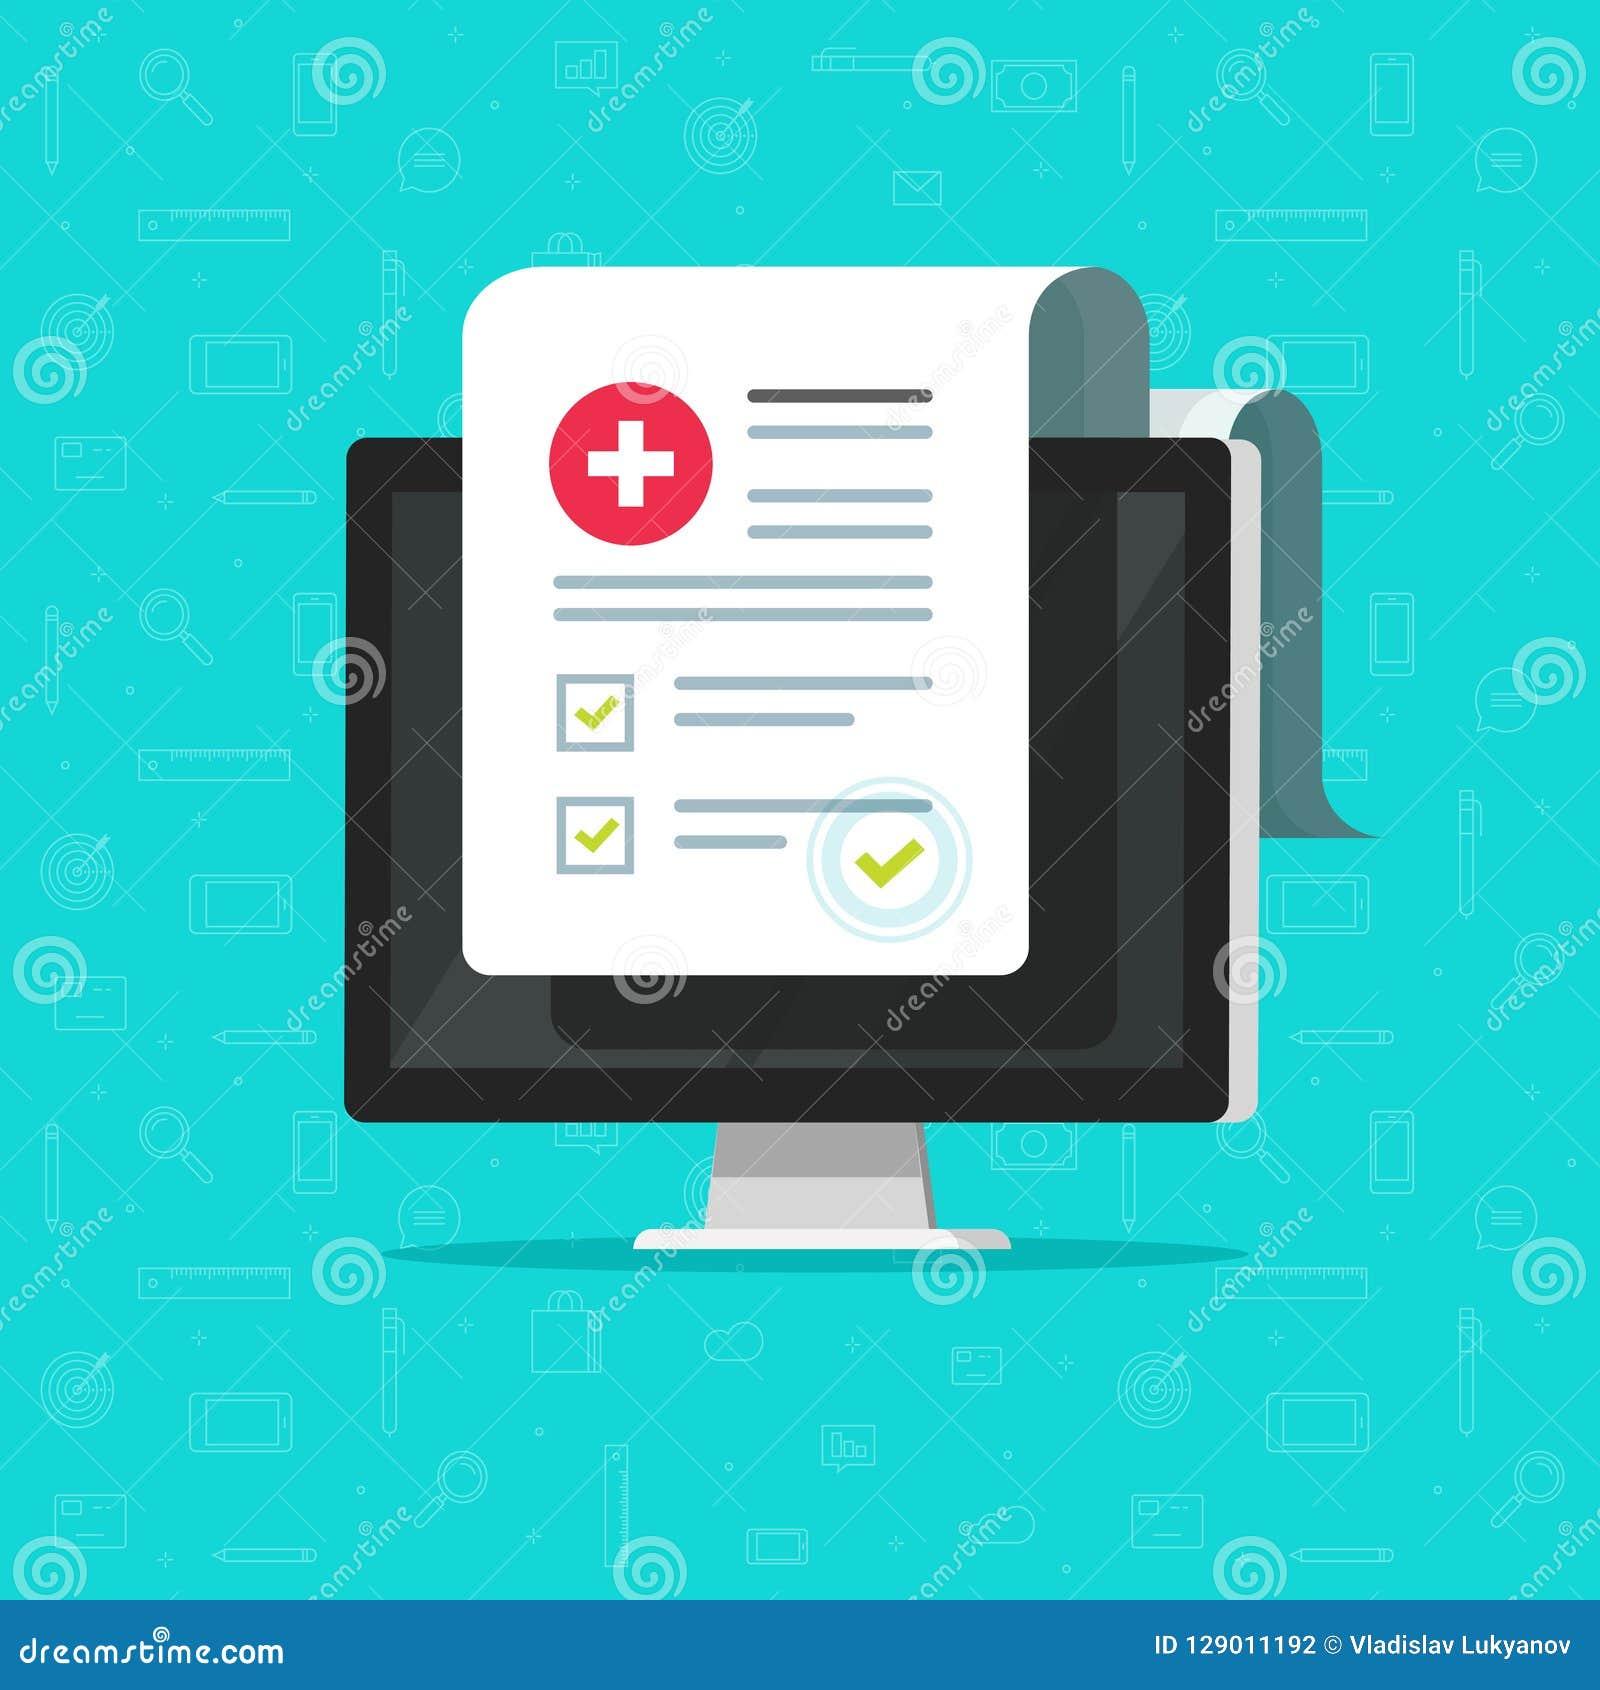 Ο υπολογιστής και η ιατρική μορφή απαριθμούν, στοιχεία αποτελεσμάτων και εγκεκριμένο έγγραφο πινάκων ελέγχου σημαδιών ελέγχου δια